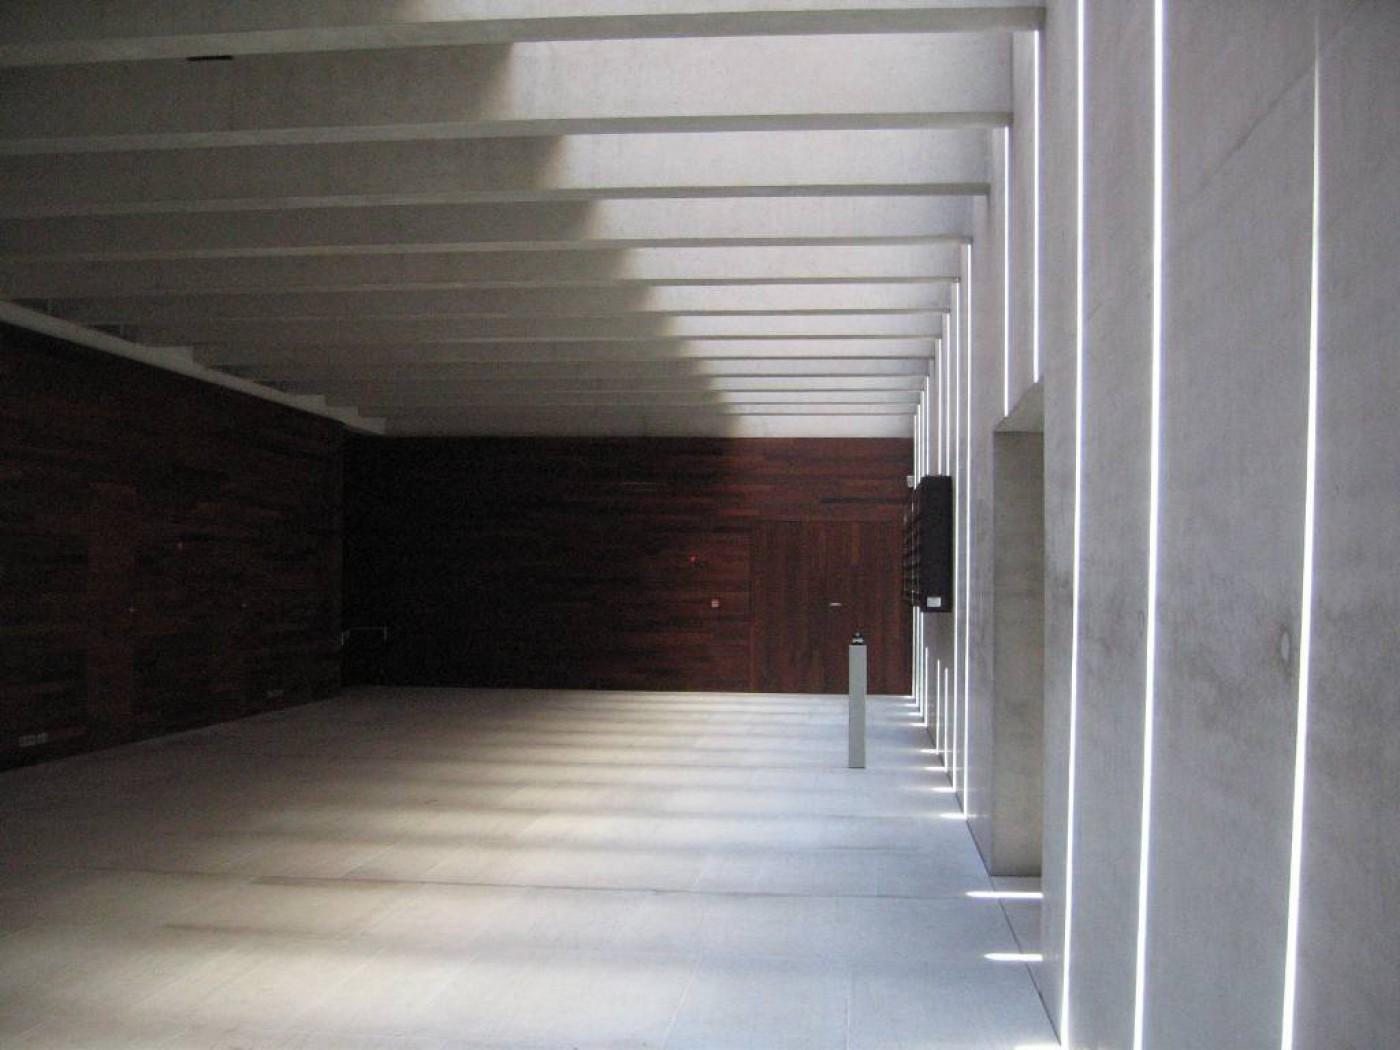 Literaturmuseum der Moderne_img_06